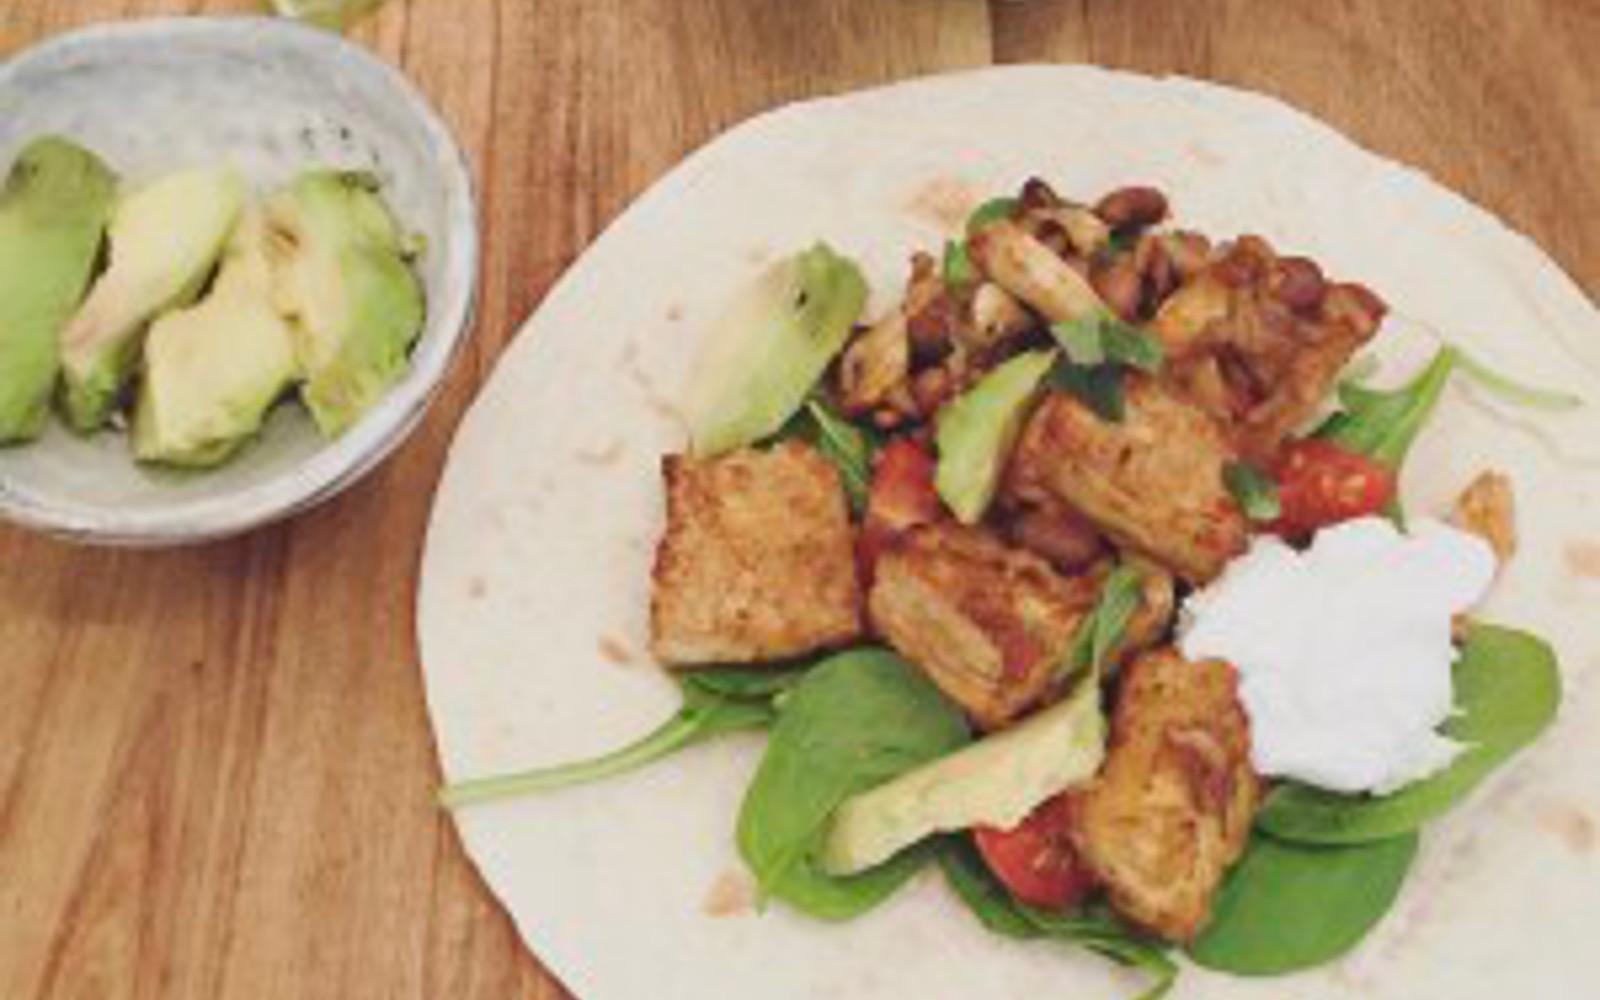 vegan Crispy Tofu and Black Bean Fajitas with vegan sour cream